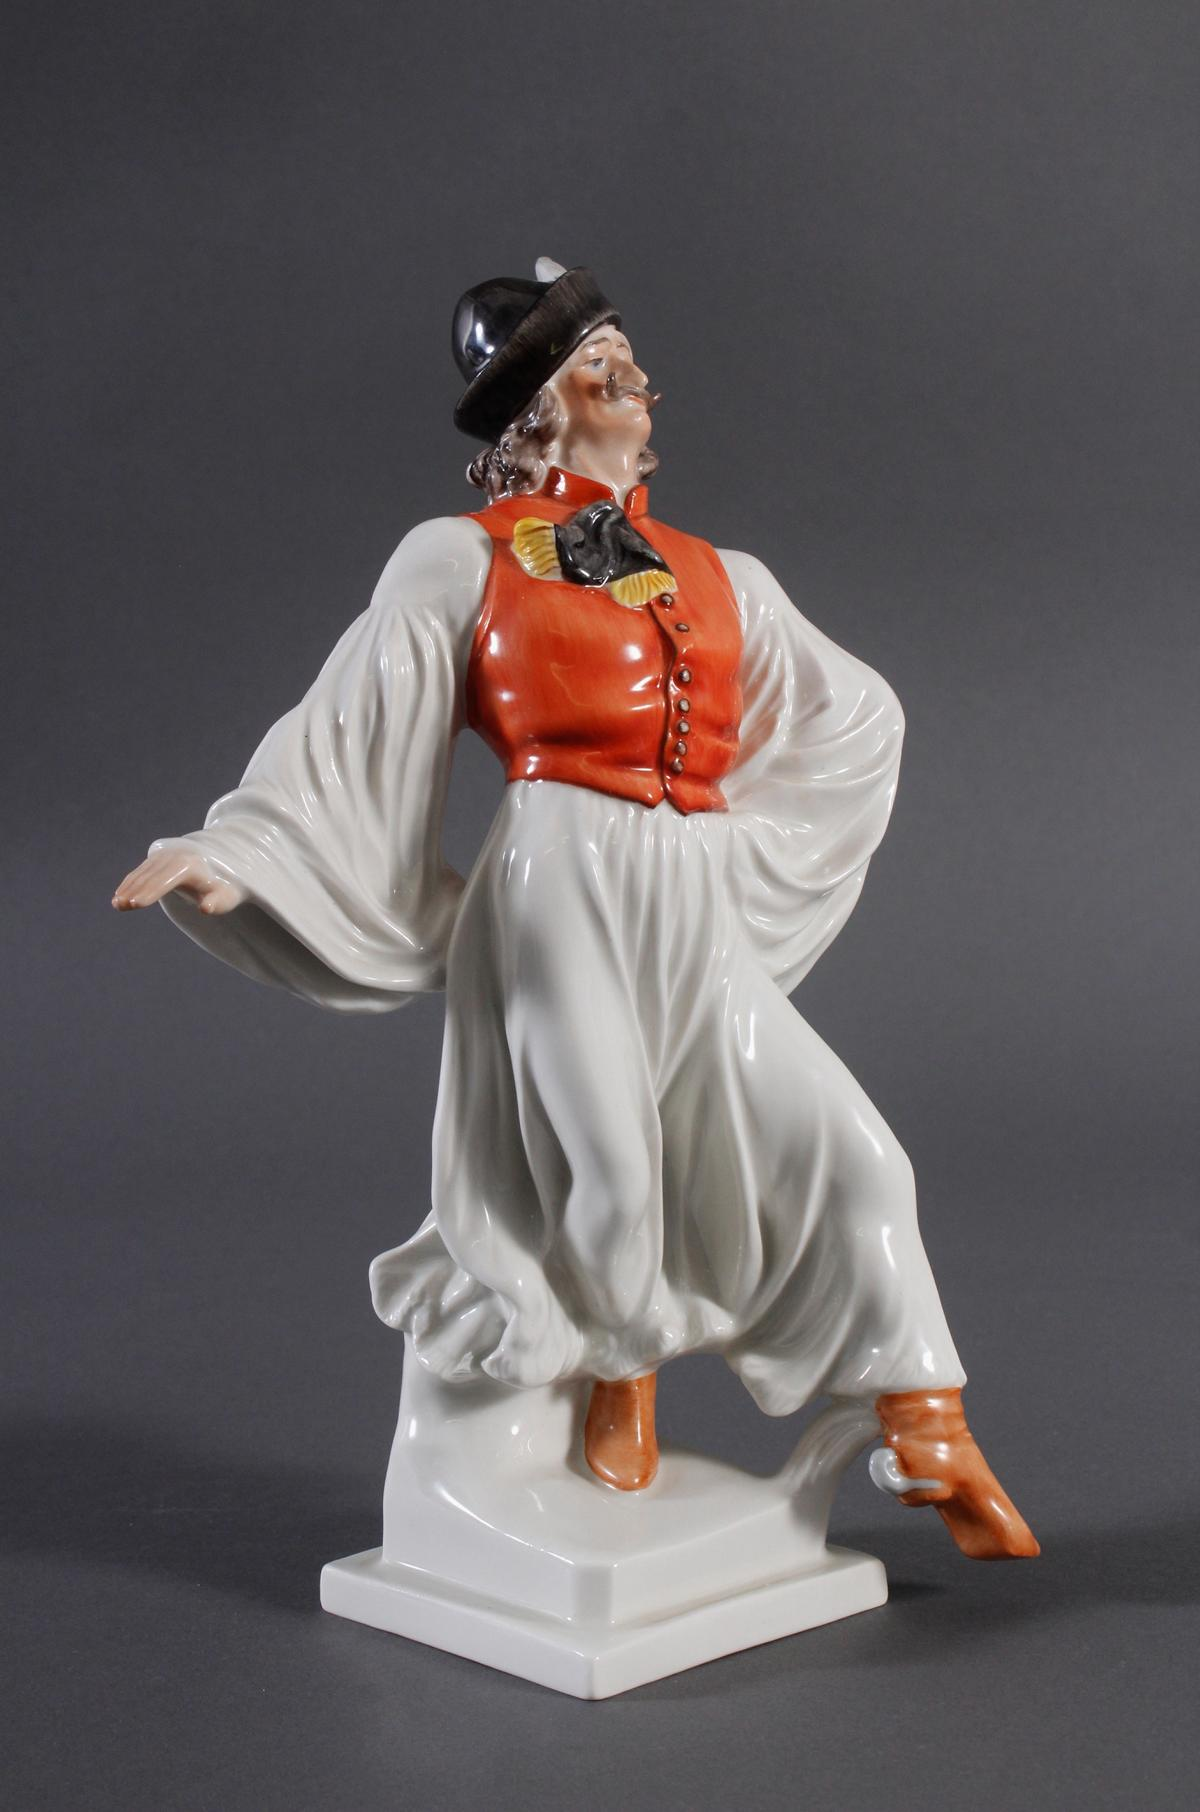 Herend-Figur, Ungarn, 'Ungarischer Tänzer in Tracht'-2